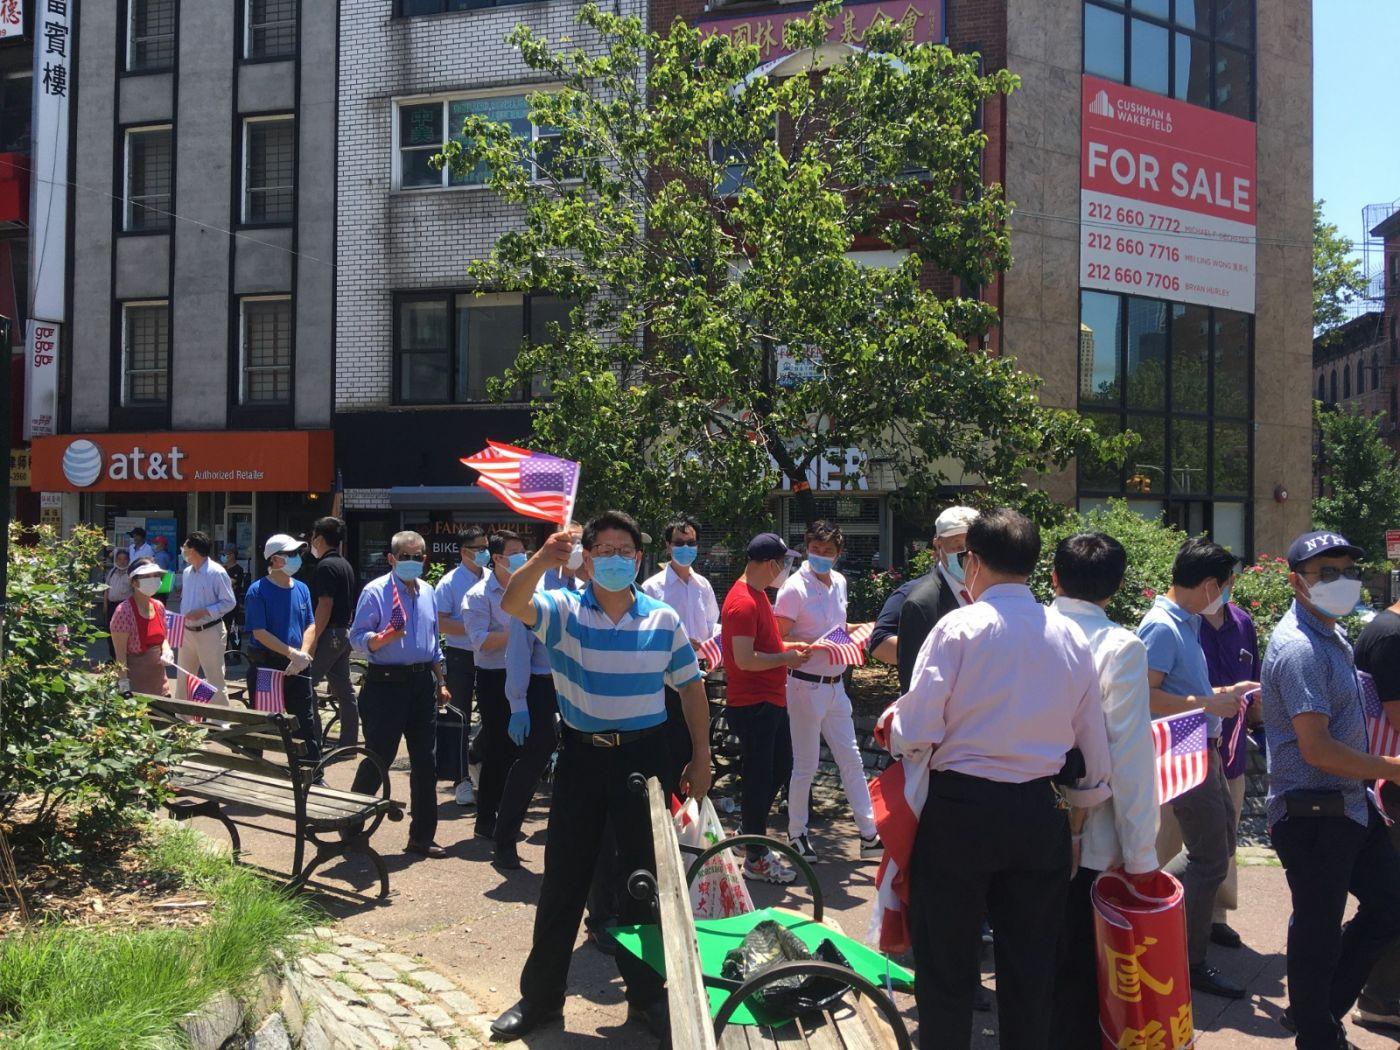 纽约华埠侨团声援支持纽约警察活动_图1-10